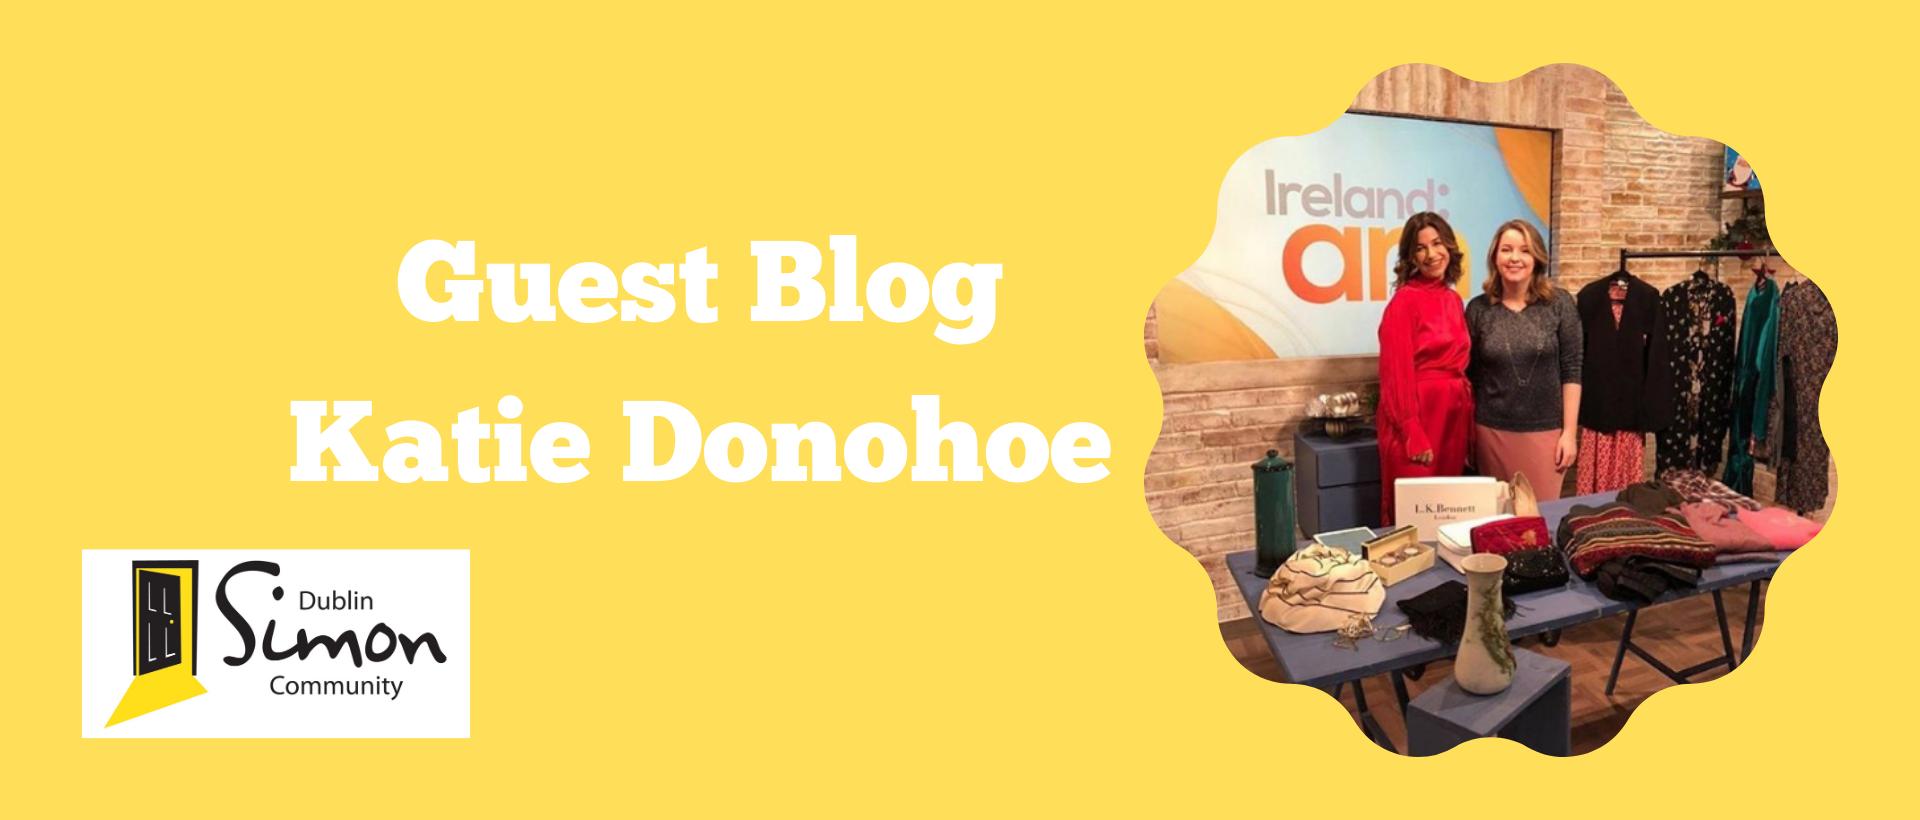 Guest Blog - Katie Donohoe Dublin Simon Community